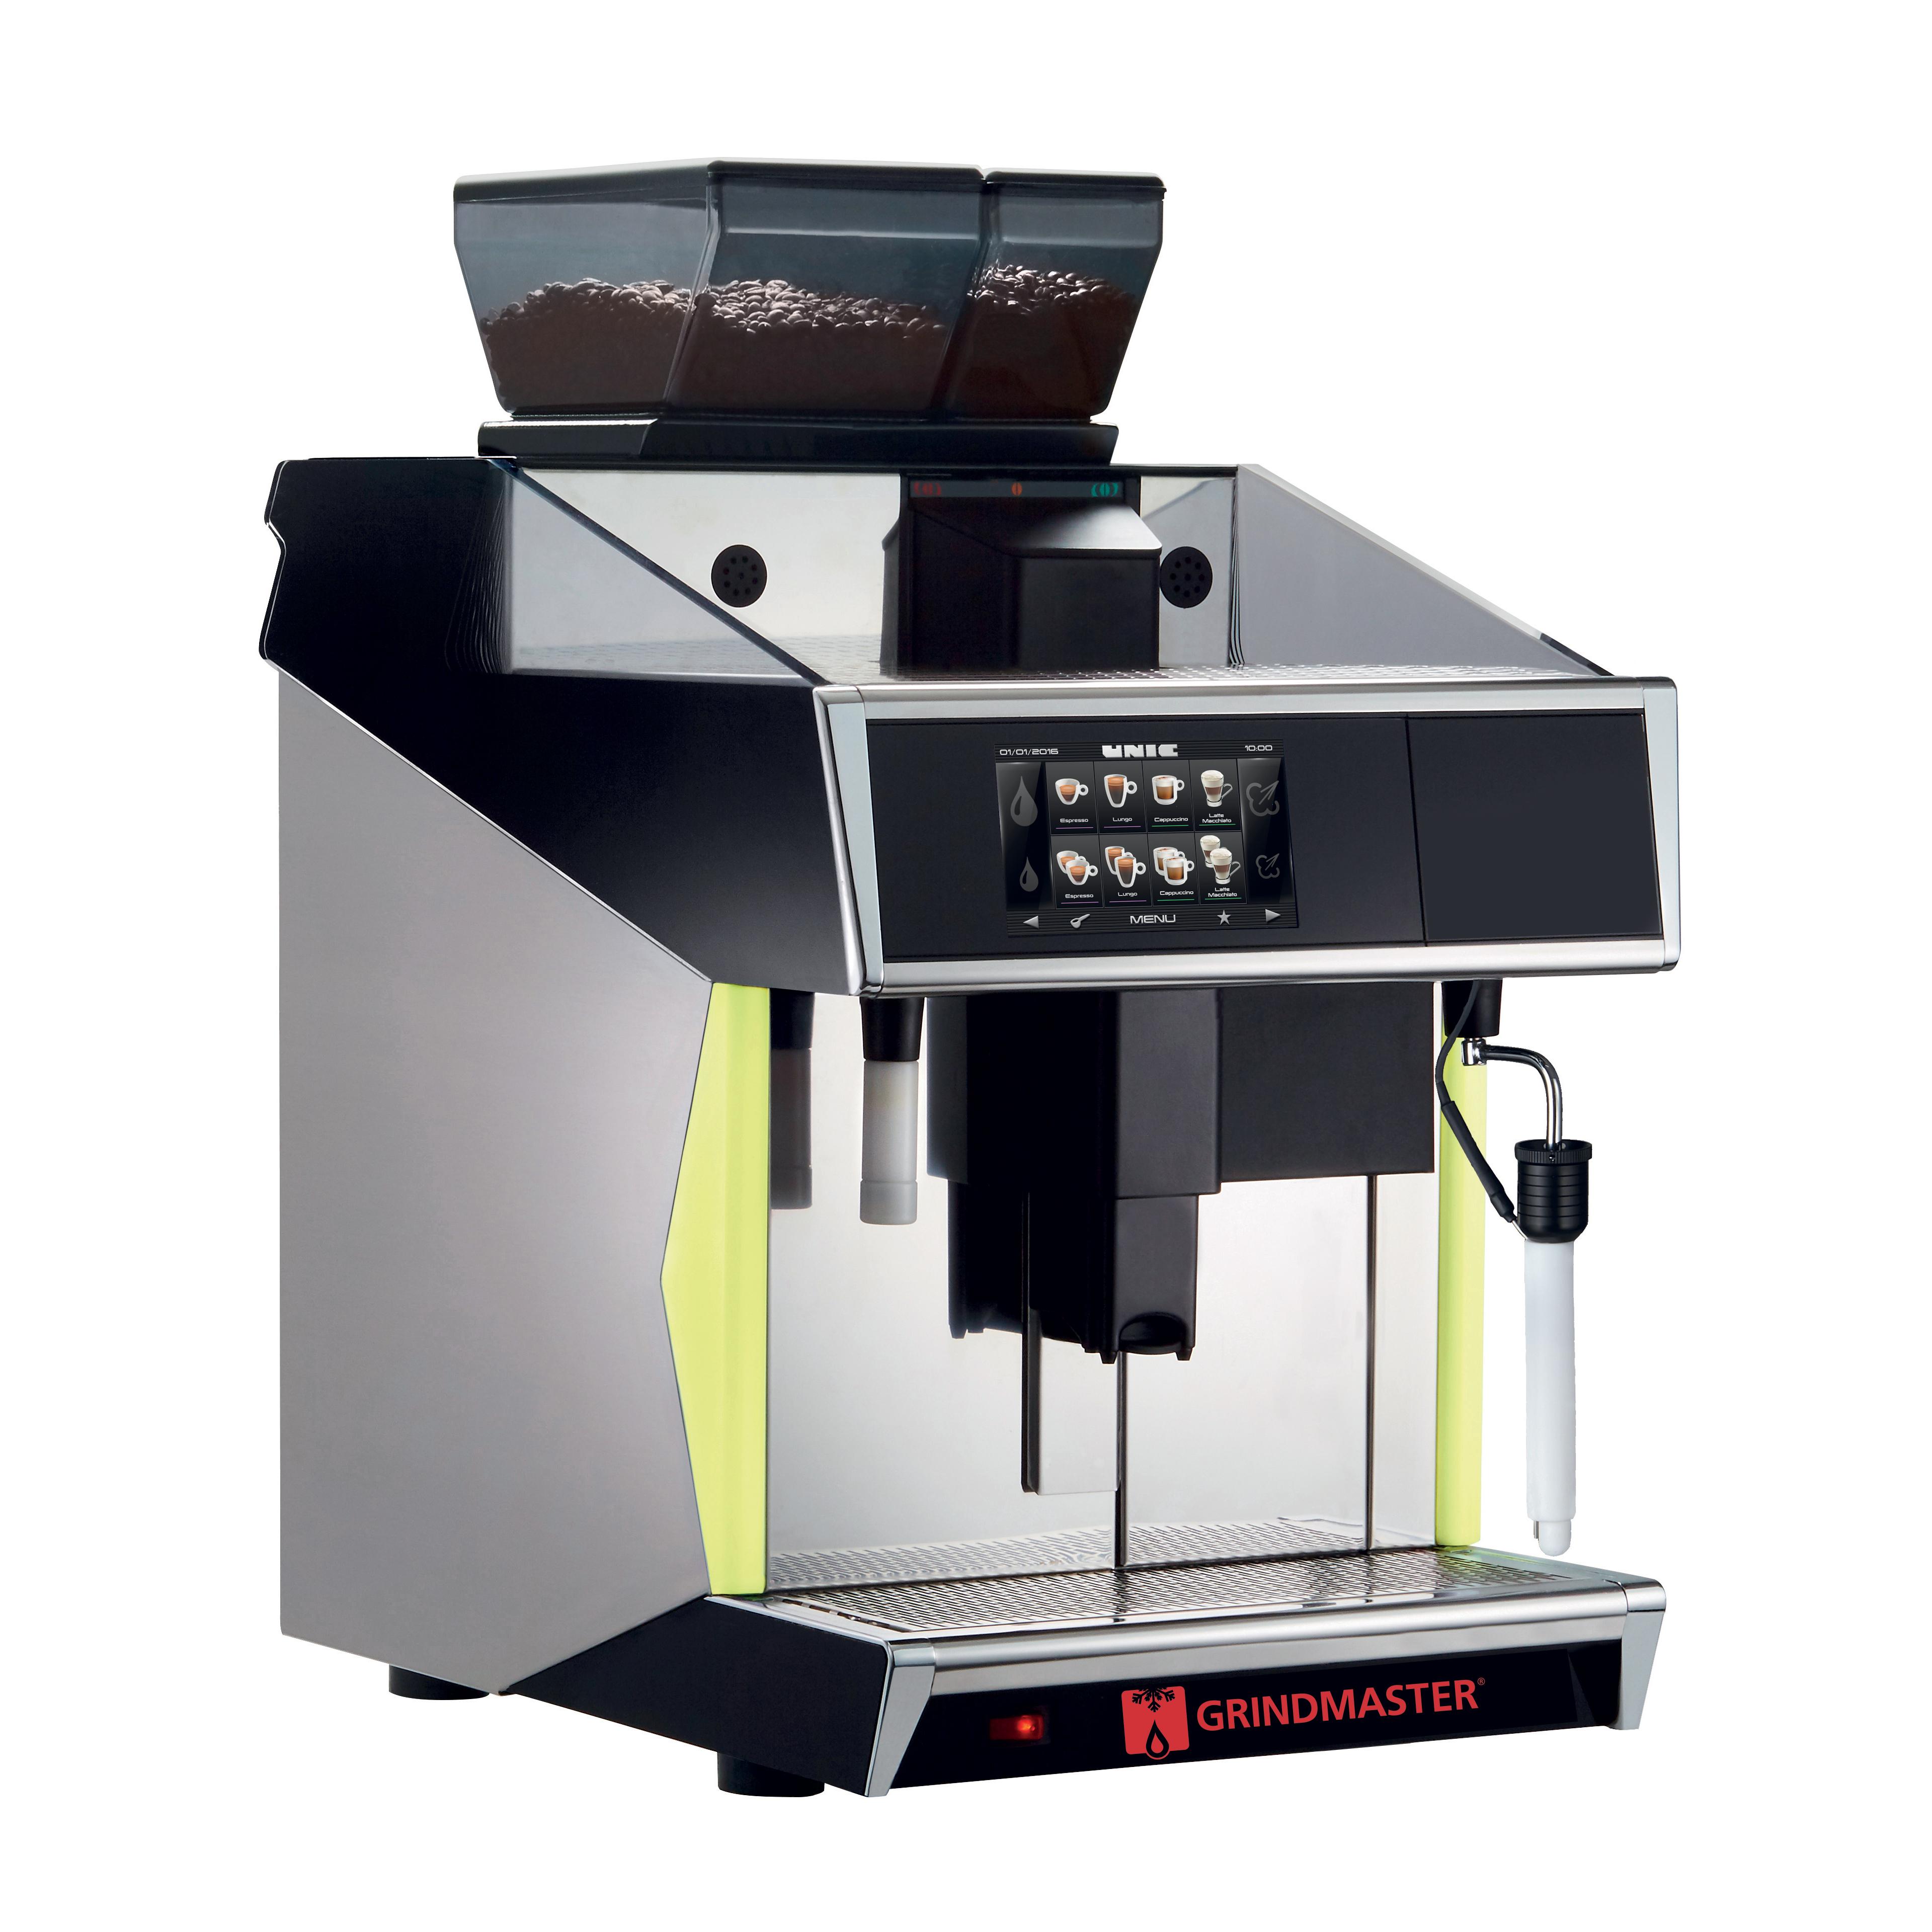 Grindmaster-Cecilware ST SOLO espresso cappuccino machine